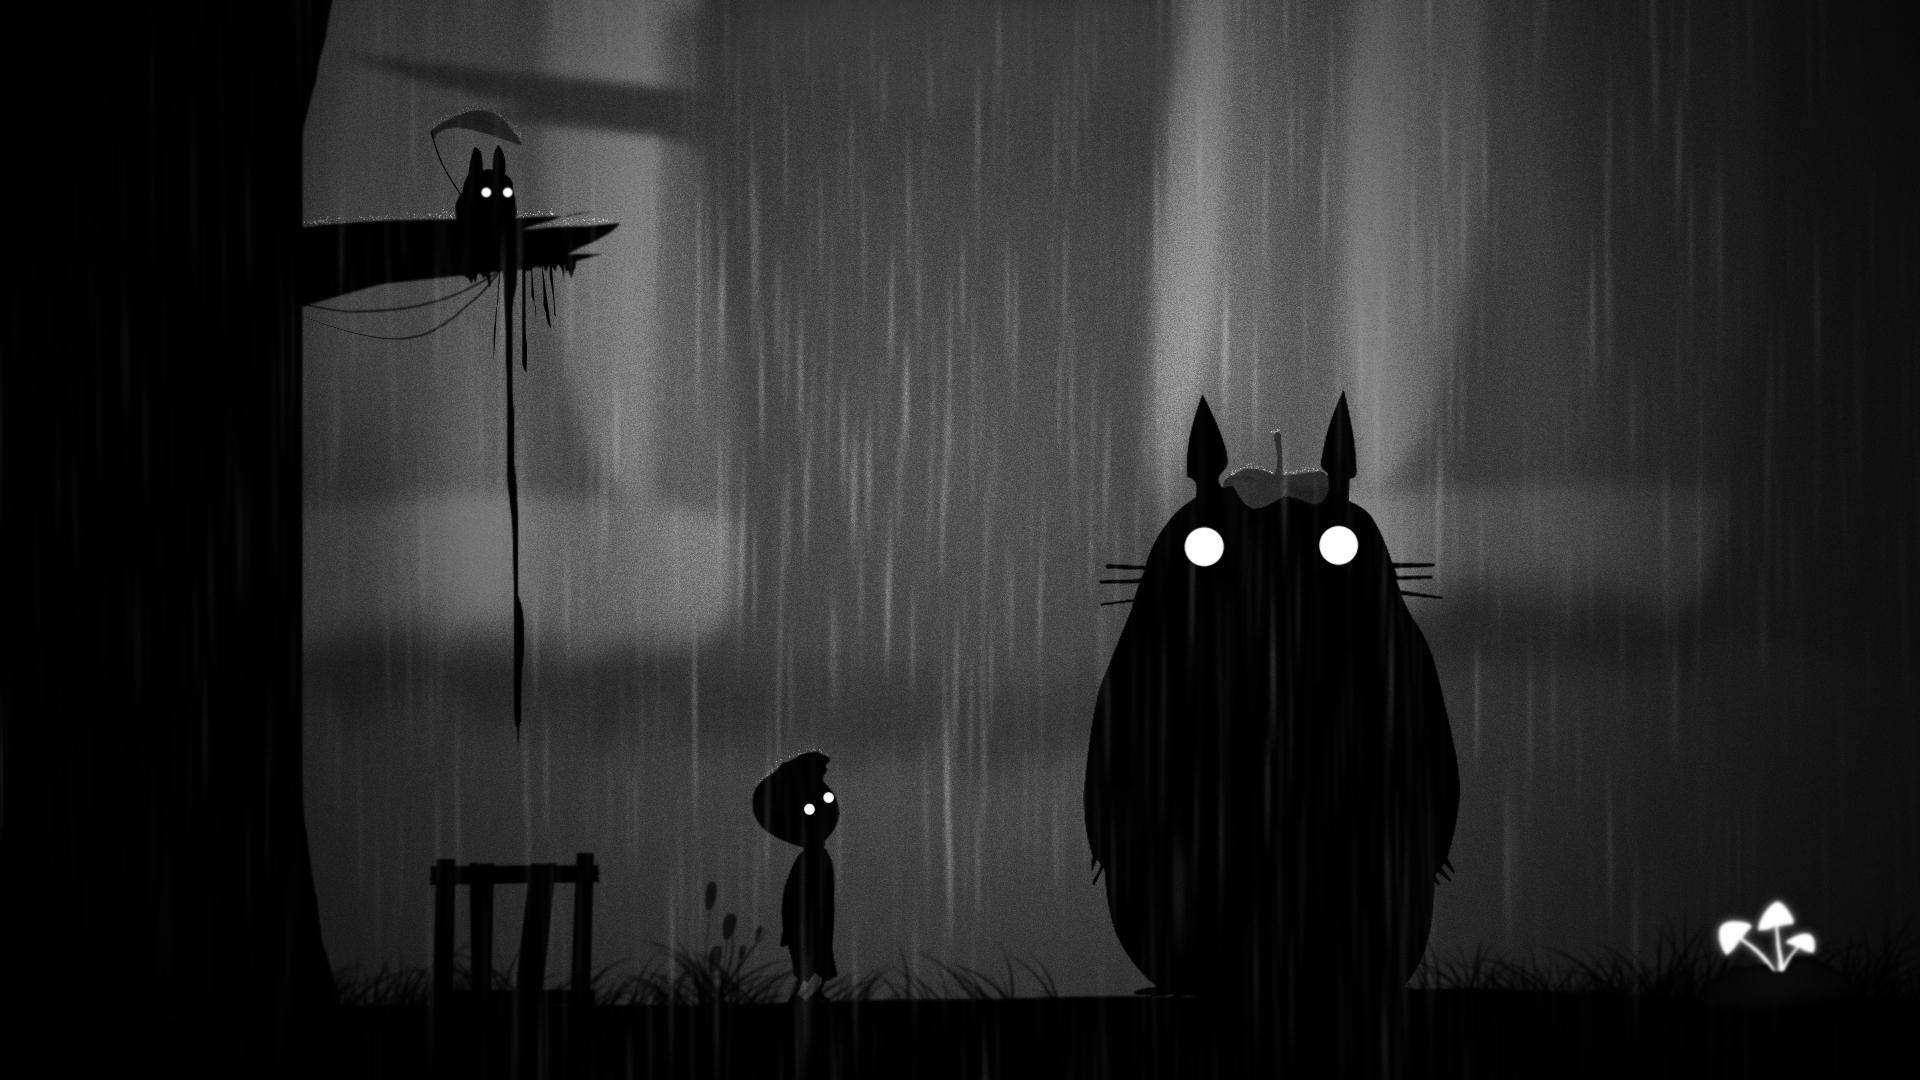 Картинки Мальчики Монстры Limbo, Totoro ребёнок Фэнтези Мультики Дождь Ночь мальчик мальчишка мальчишки монстр чудовище Дети мультик Фантастика Мультфильмы ночью в ночи Ночные